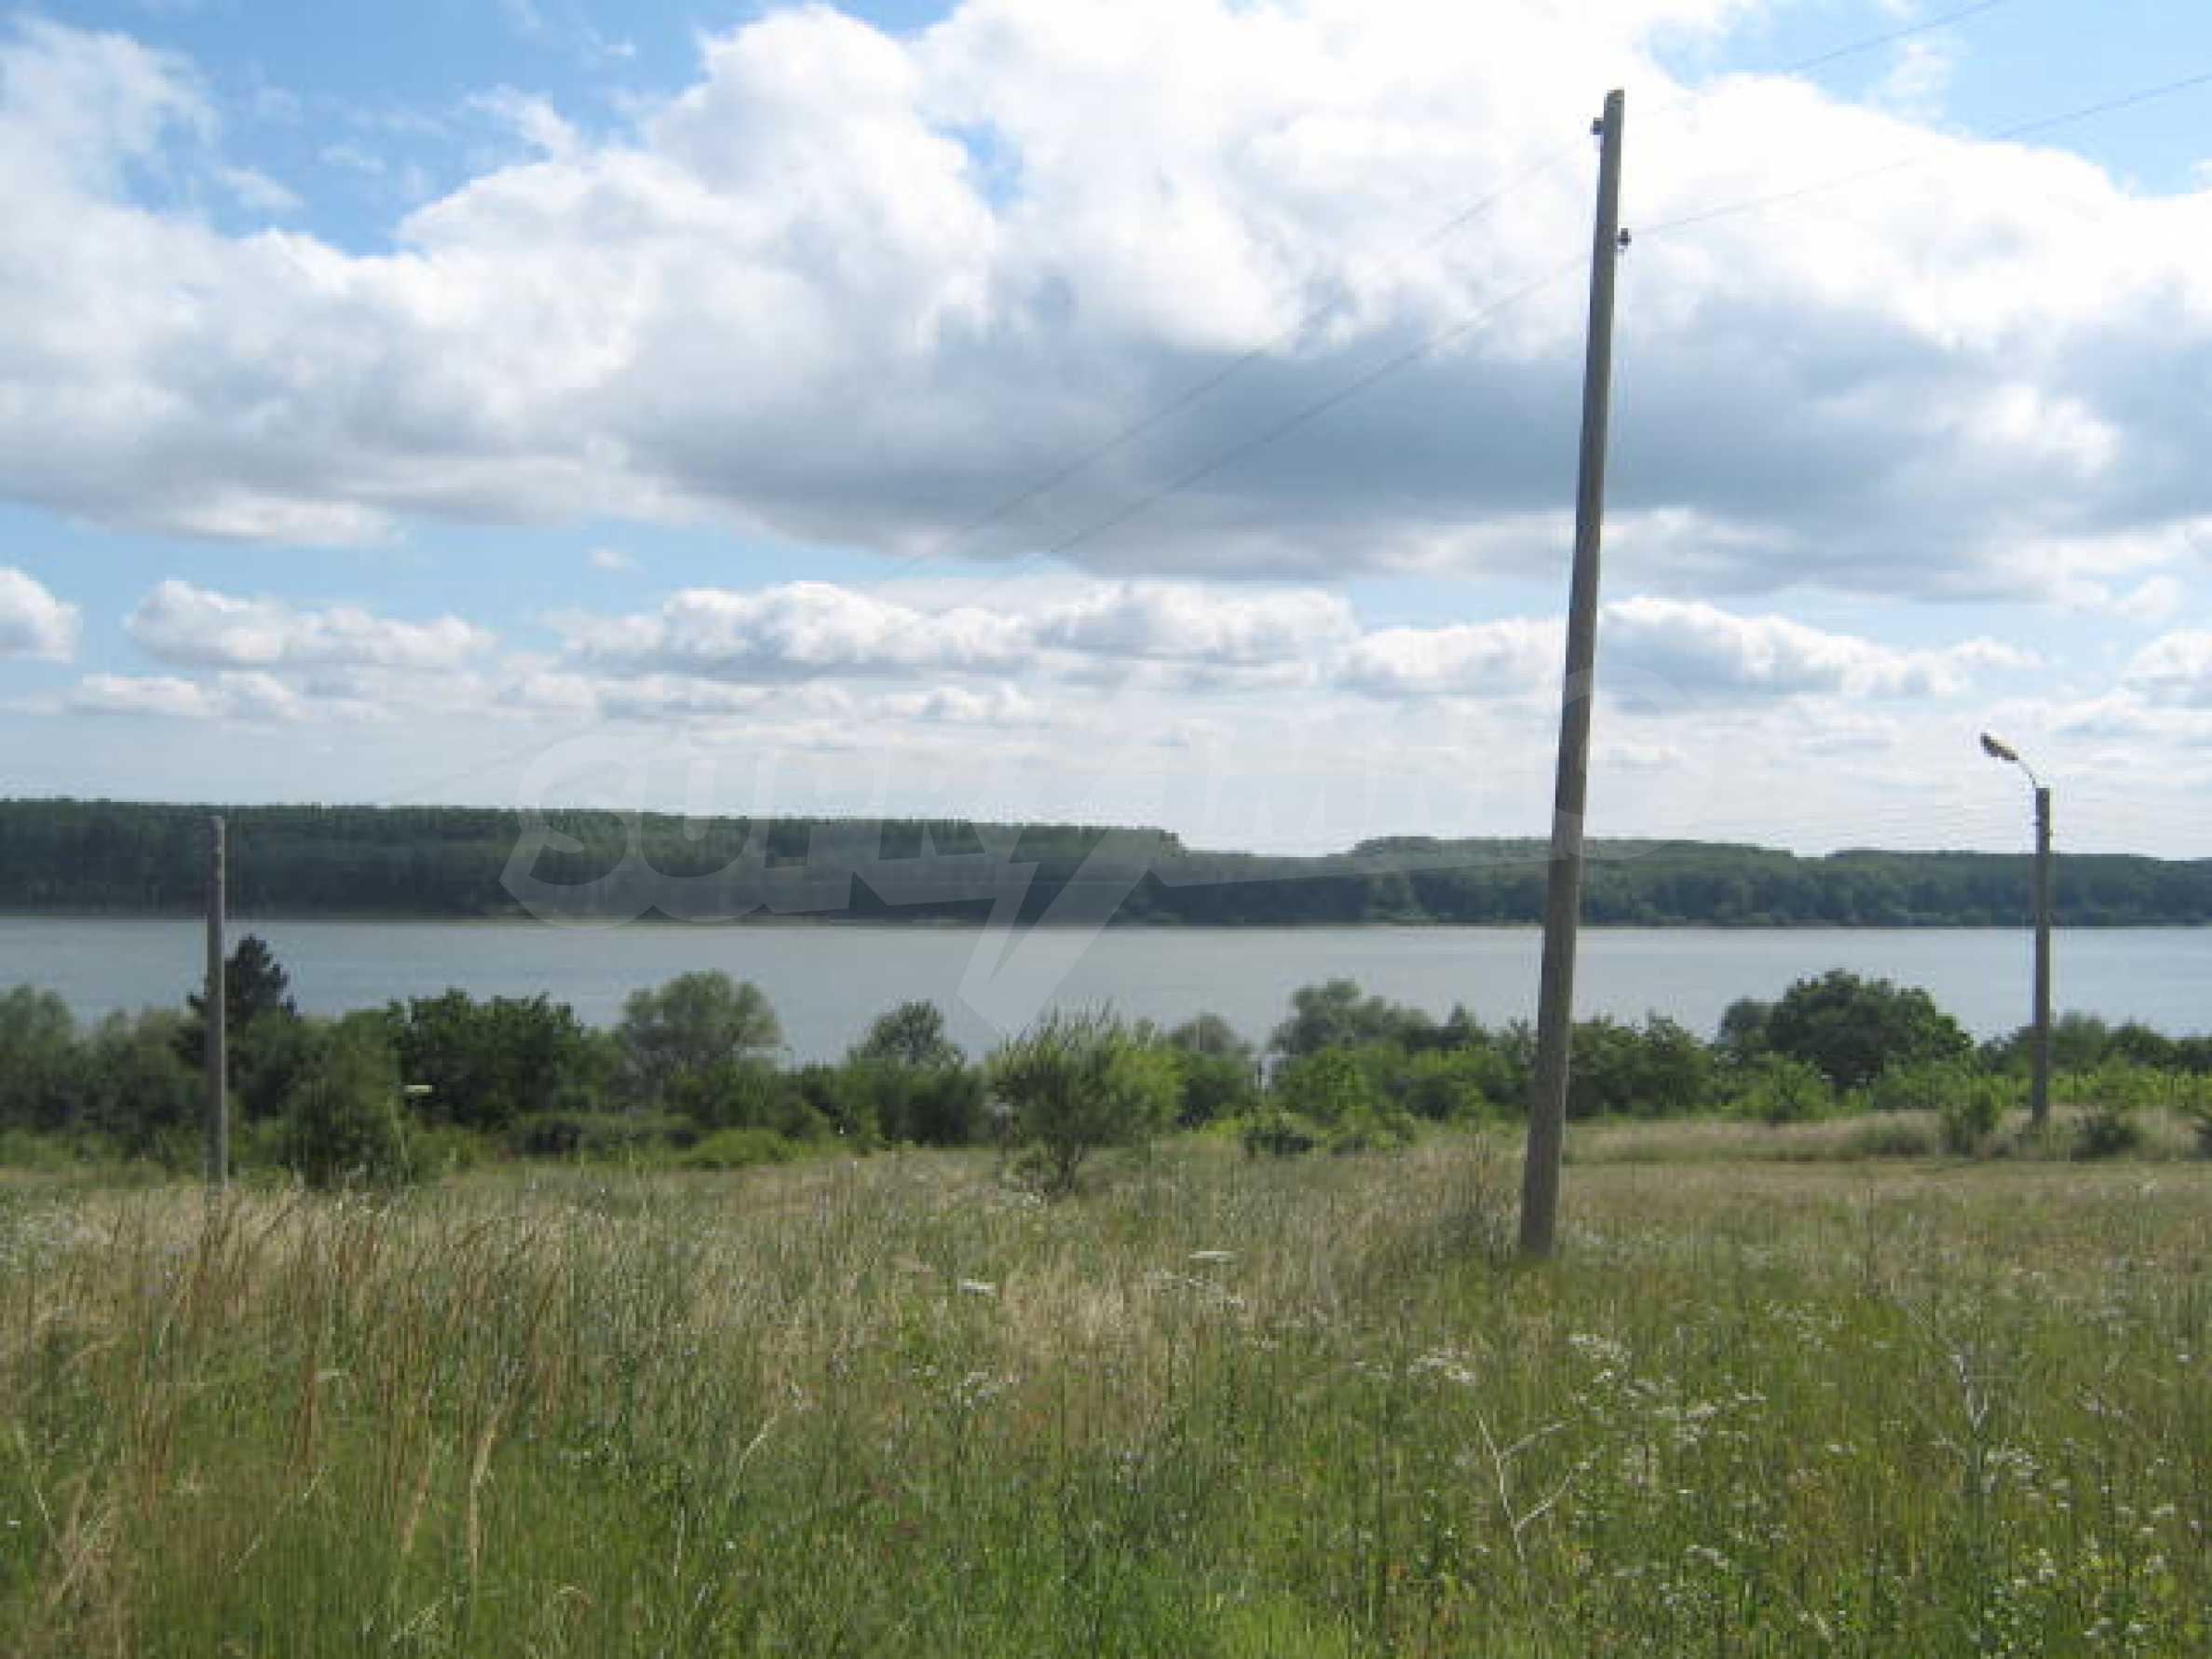 Сельскохозяйственная земля недалеко от города Видин